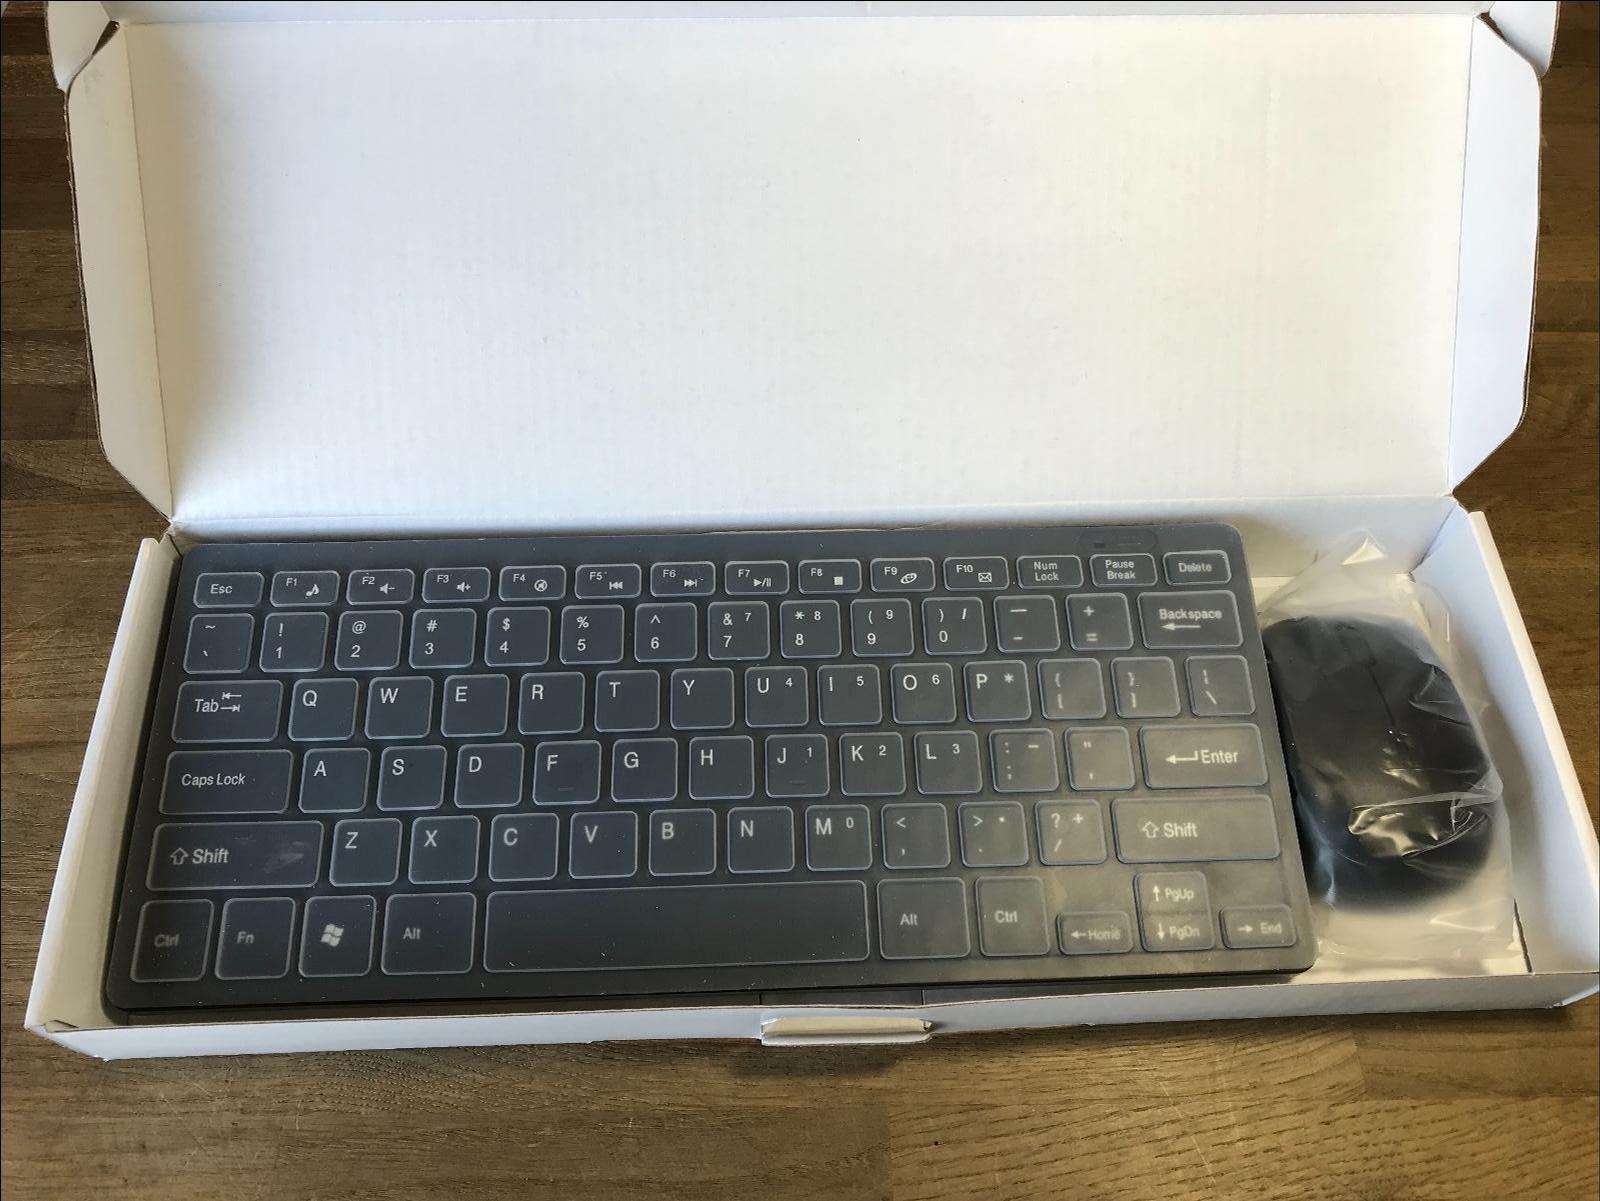 Mini Teclado y Ratón inalámbricos para LG Smart TV, Color Negro: Amazon.es: Electrónica